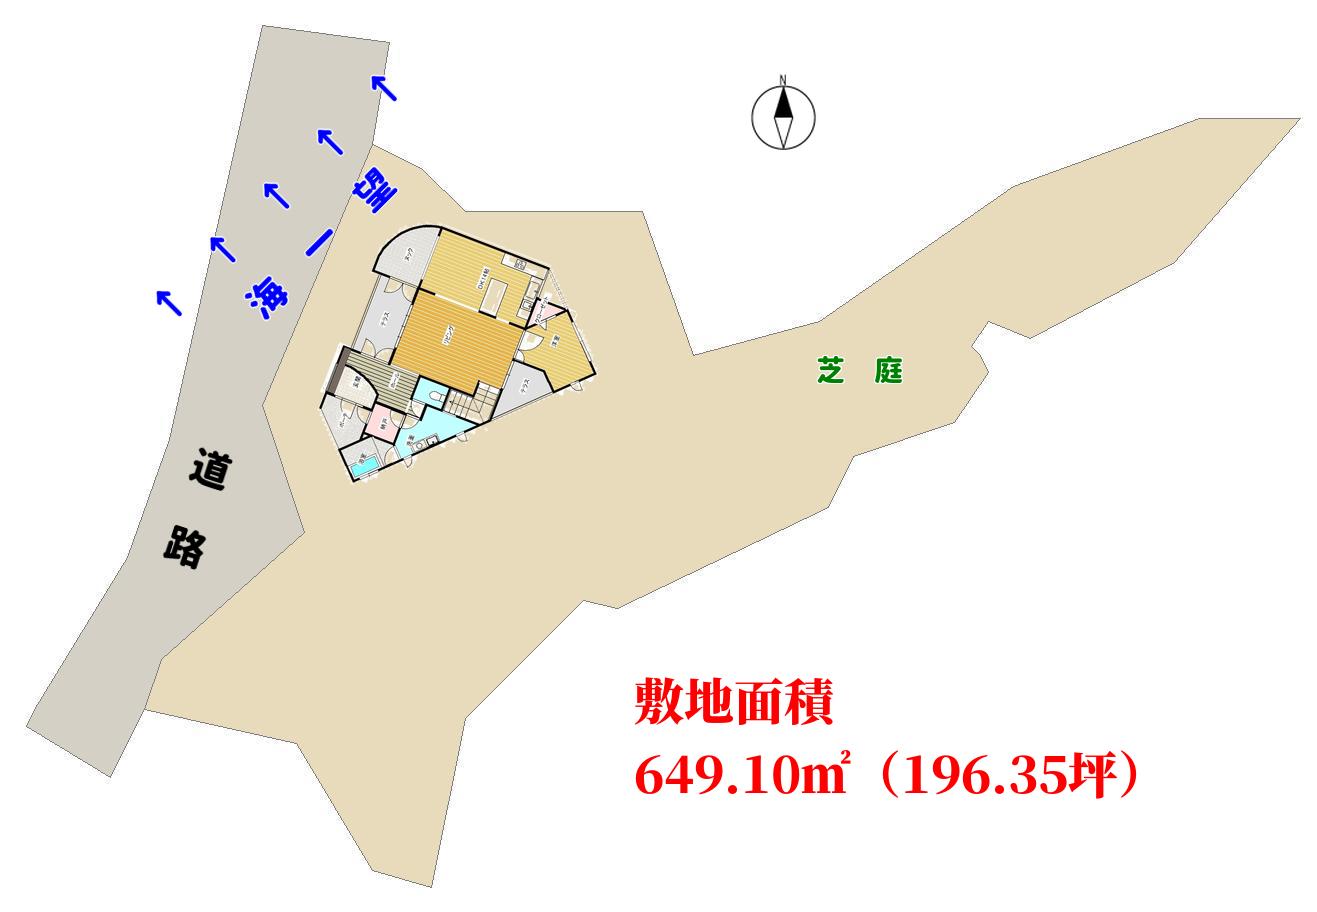 館山市坂田、別荘の敷地図